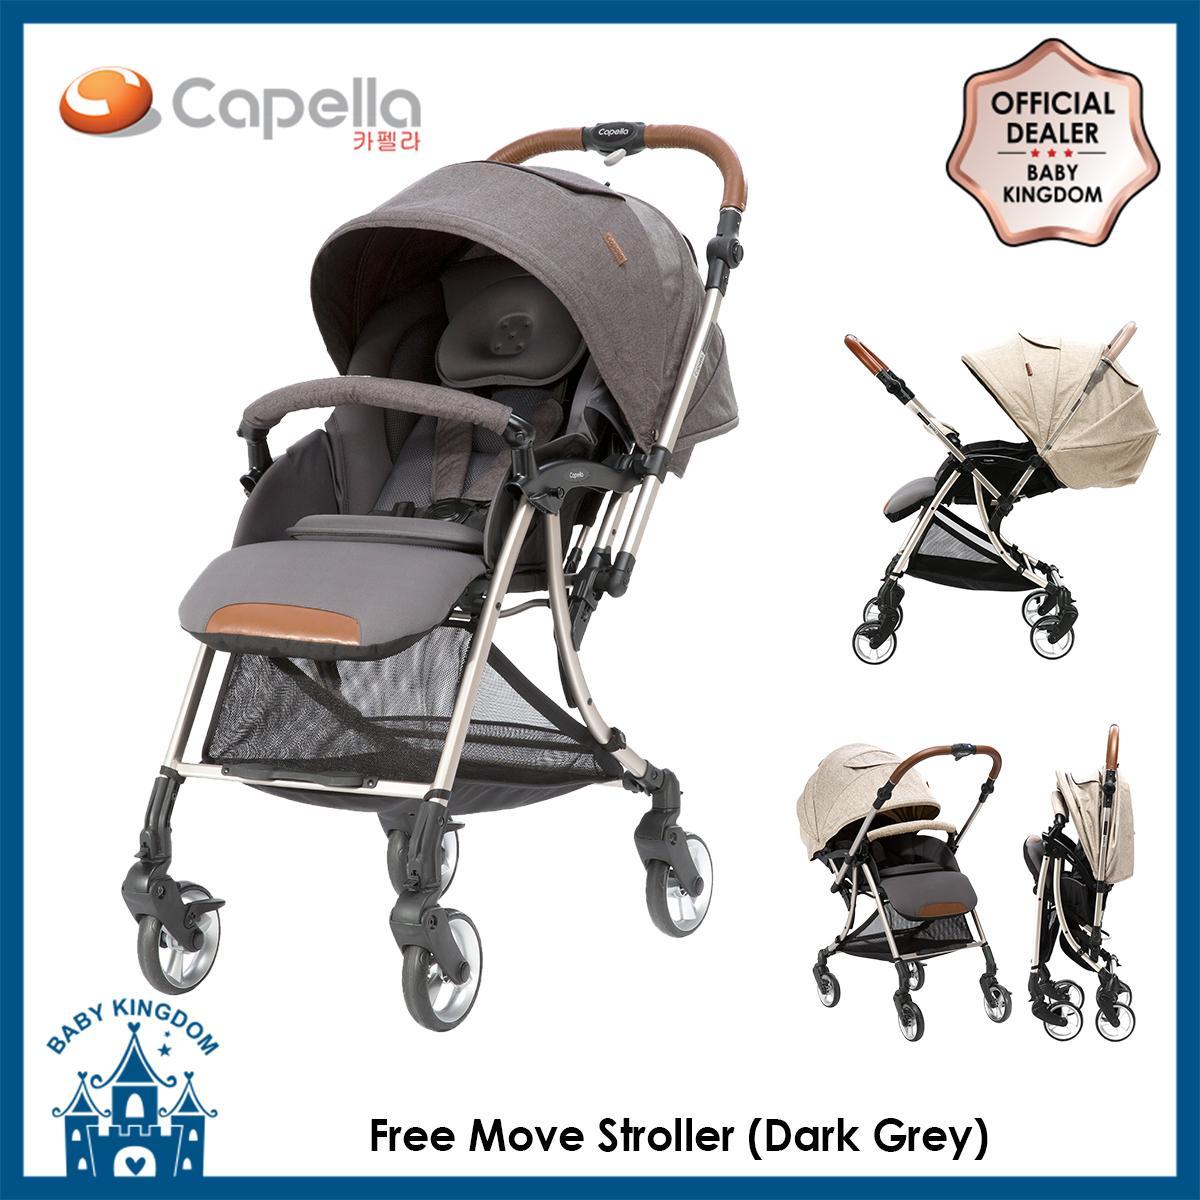 Stroller Capella S 803: description, photos, reviews 56